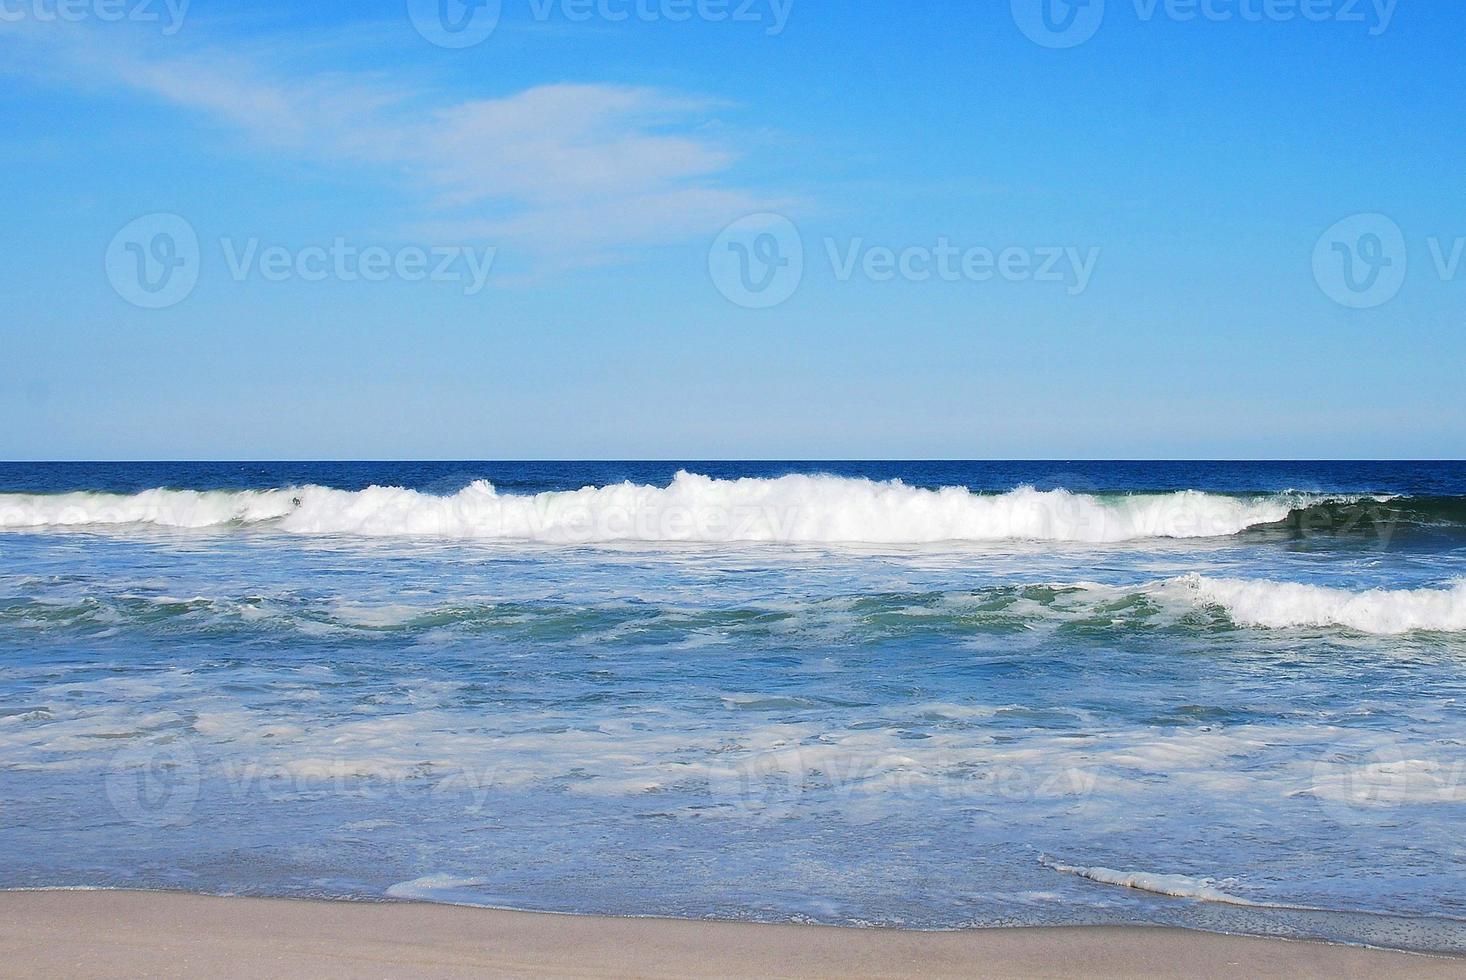 Bekijk oceaan foto